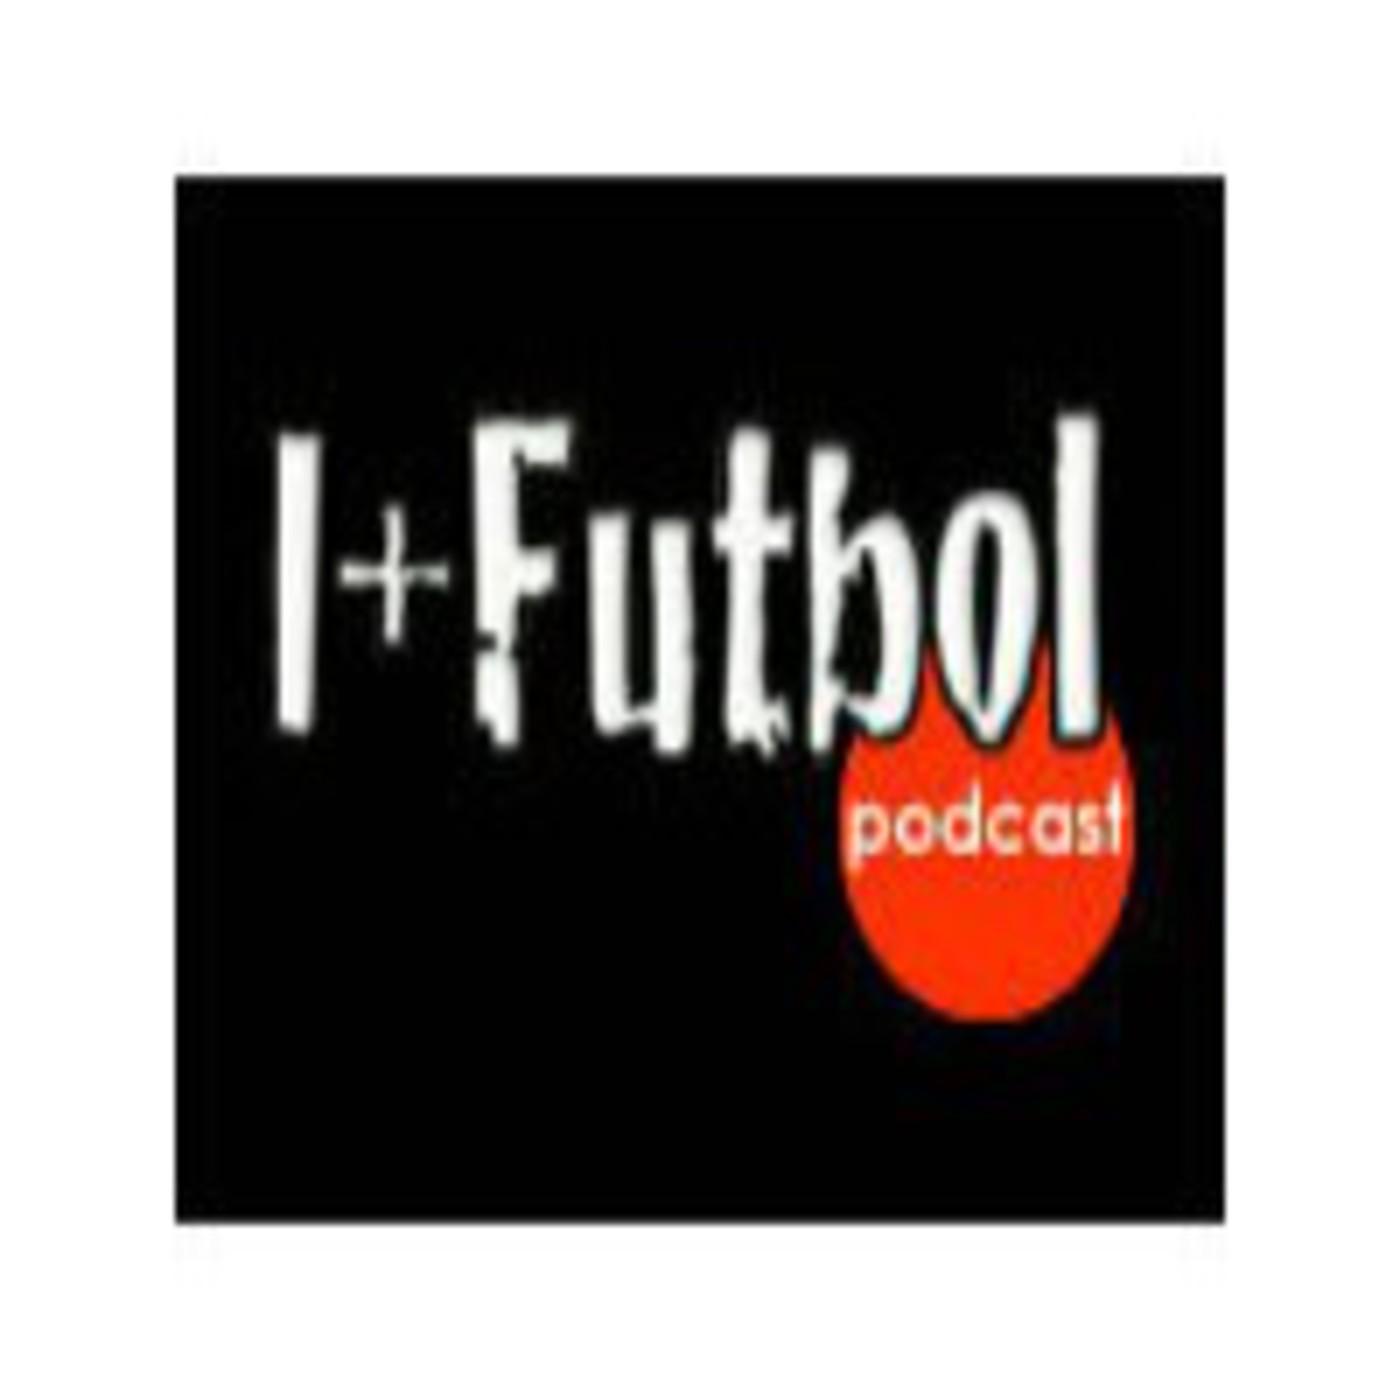 I+Fútbol n 80 18-02-2013 (Vicente del Bosque)